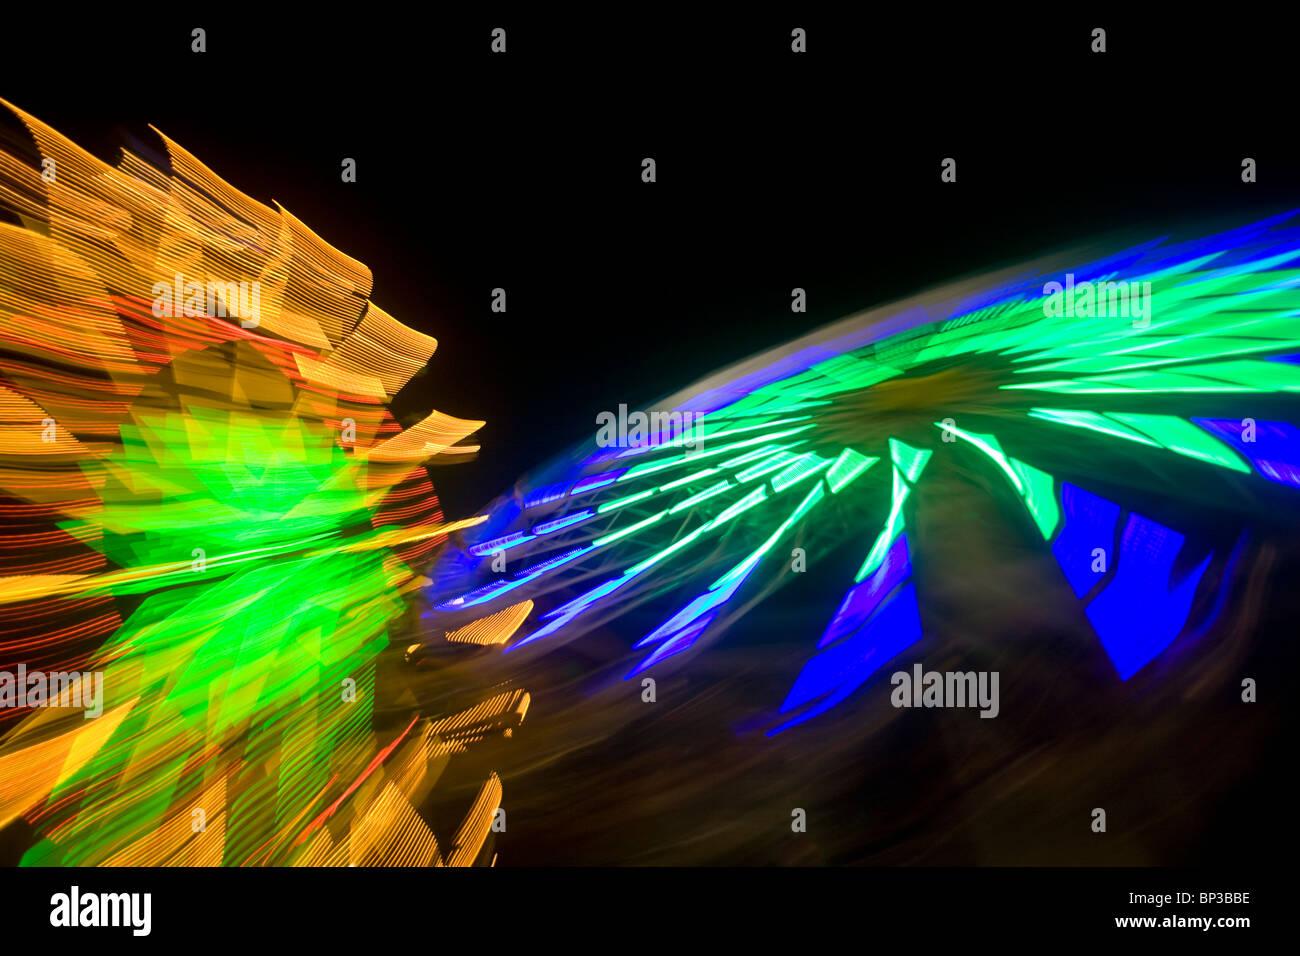 Abstraktion der Lichter einer Fahrt in einem Freizeitpark in der Nacht Stockbild